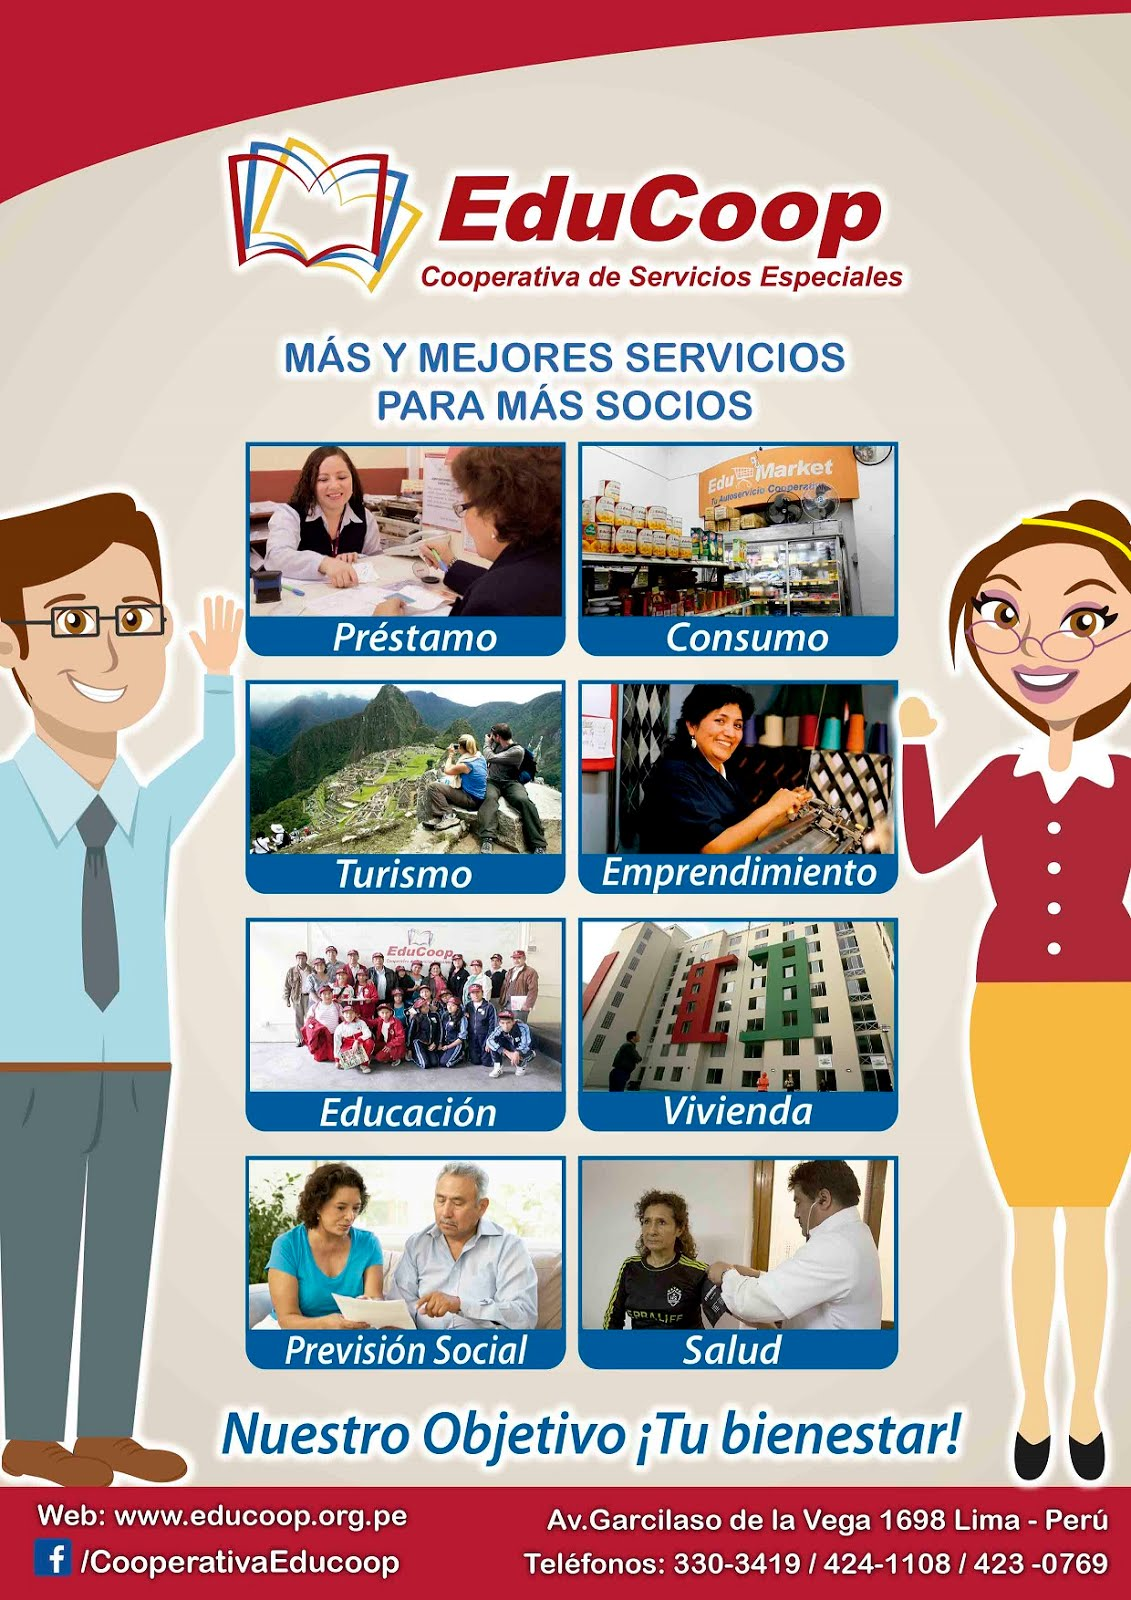 SERVICIOS DE LA COOPERATIVA EDUCOOP